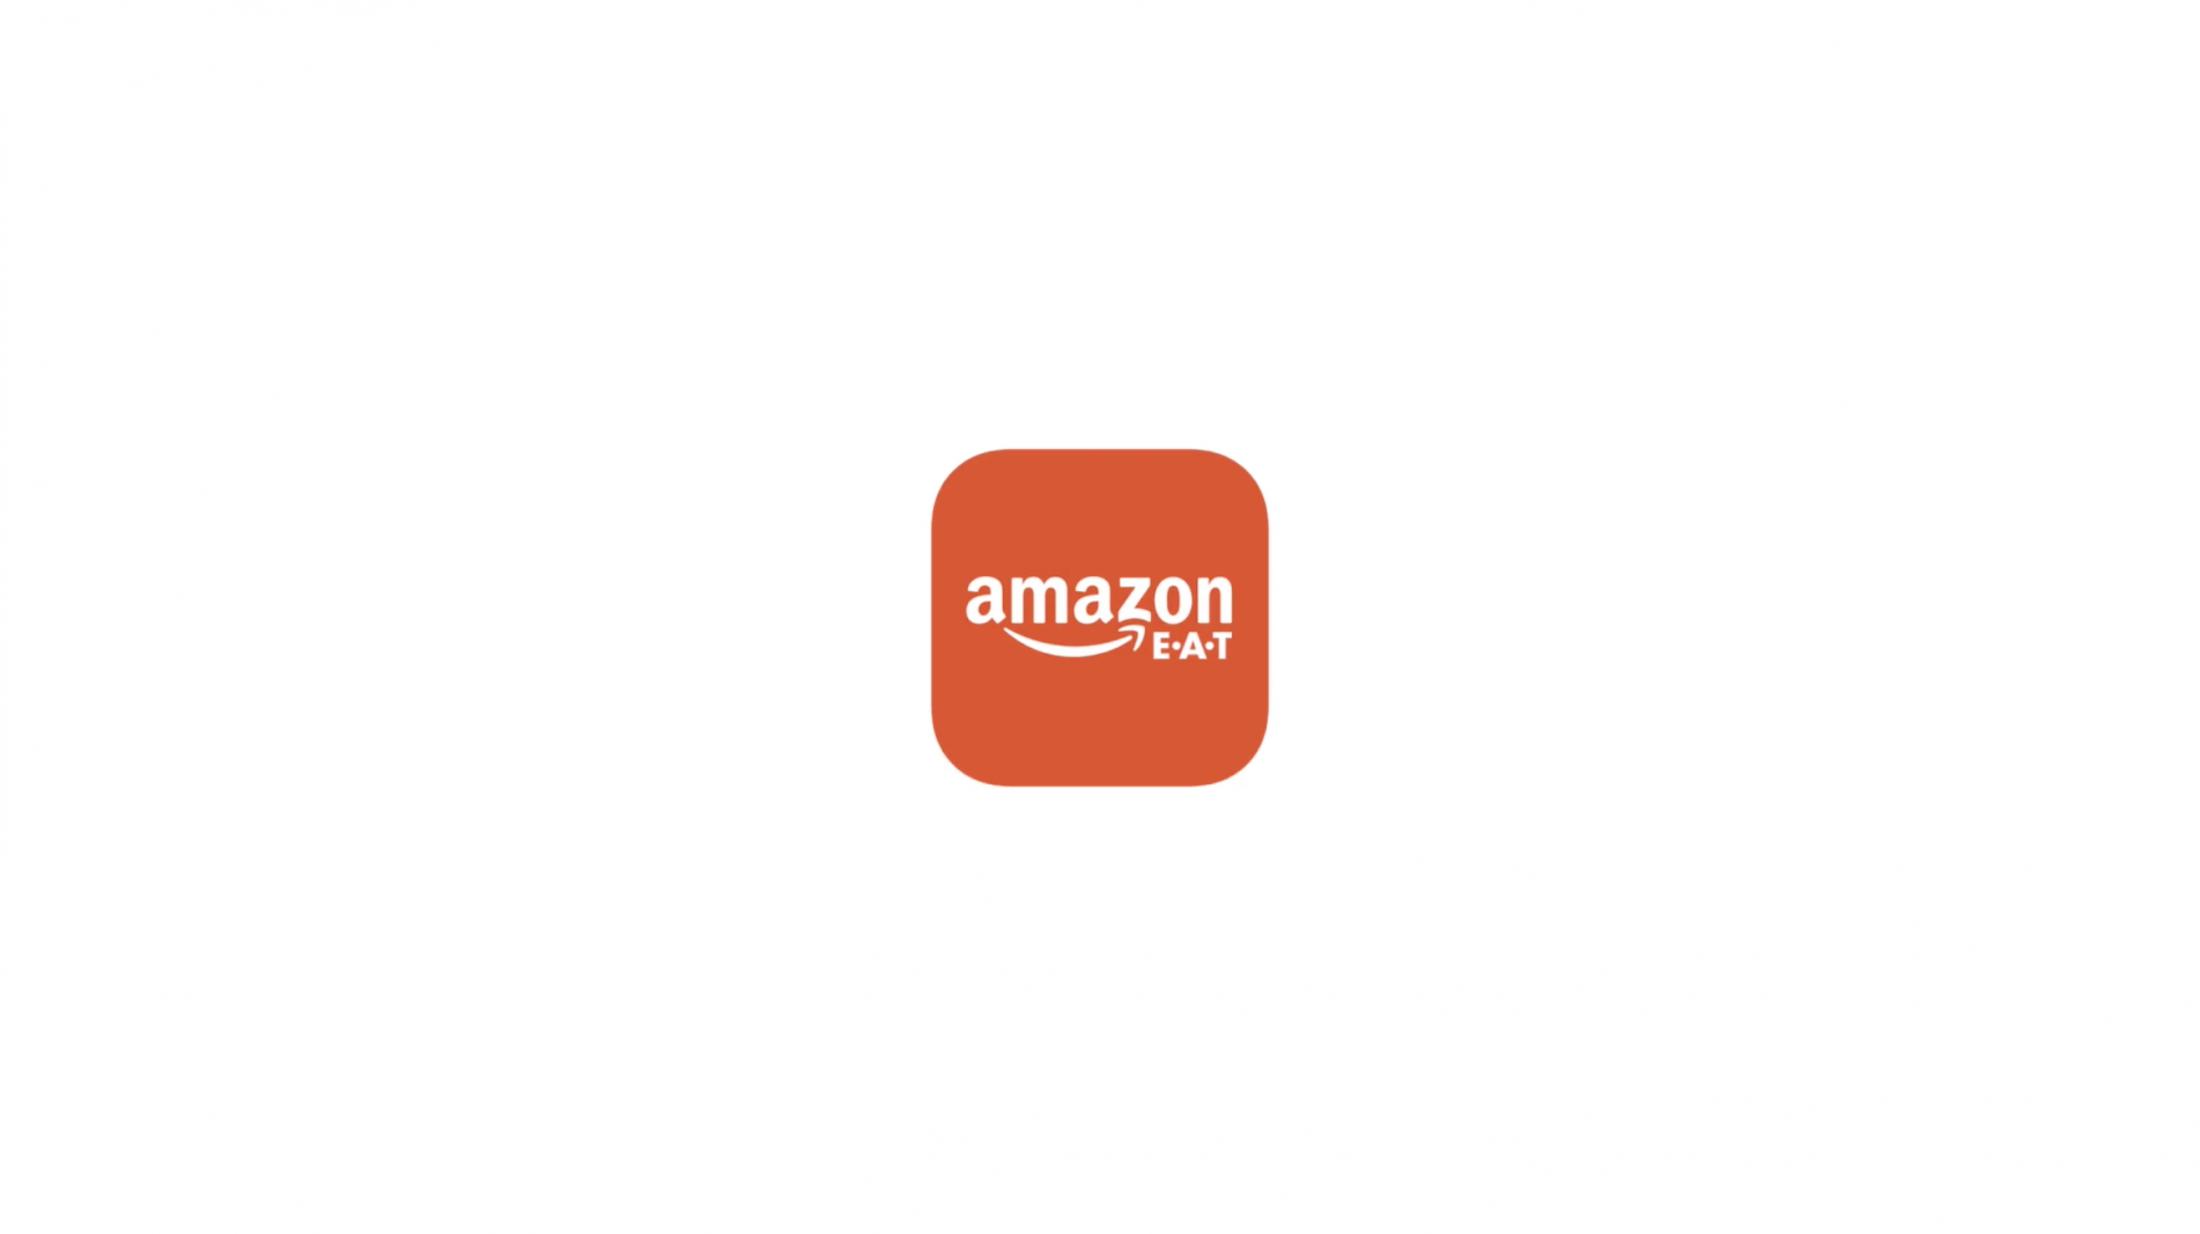 Thumbnail for Amazon EAT